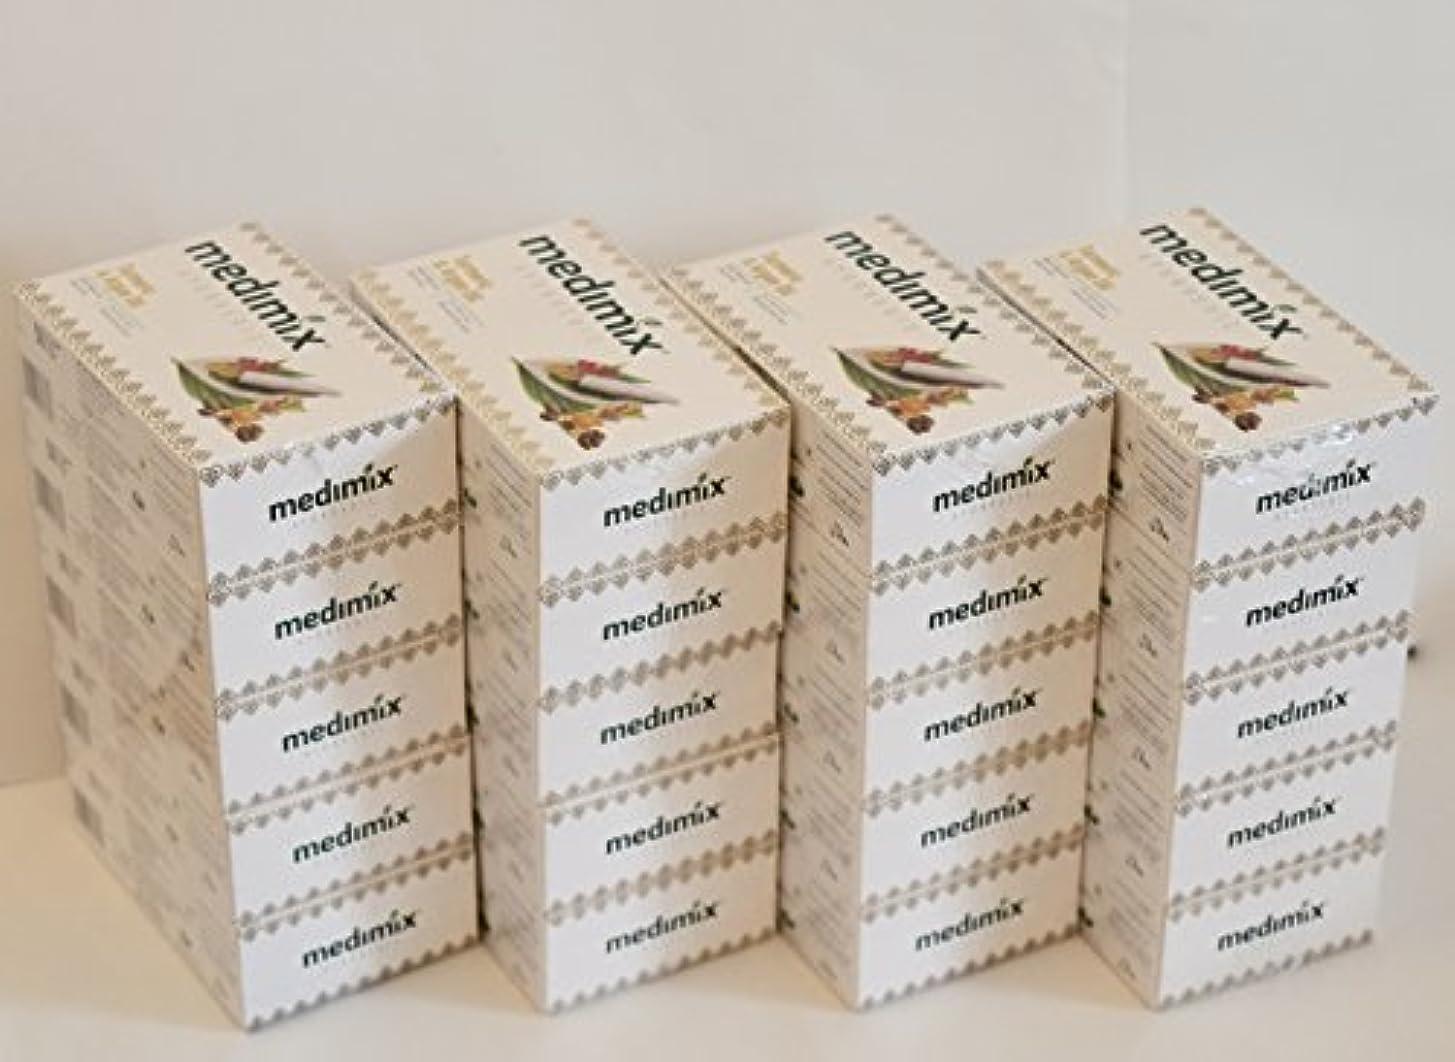 差別化するはっきりとしなければならないMEDIMIX メディミックス アーユルヴェーダ ターメリック アンド アルガン石鹸(medimix AYURVEDA Turmeric & Argan) 125g 20個入り